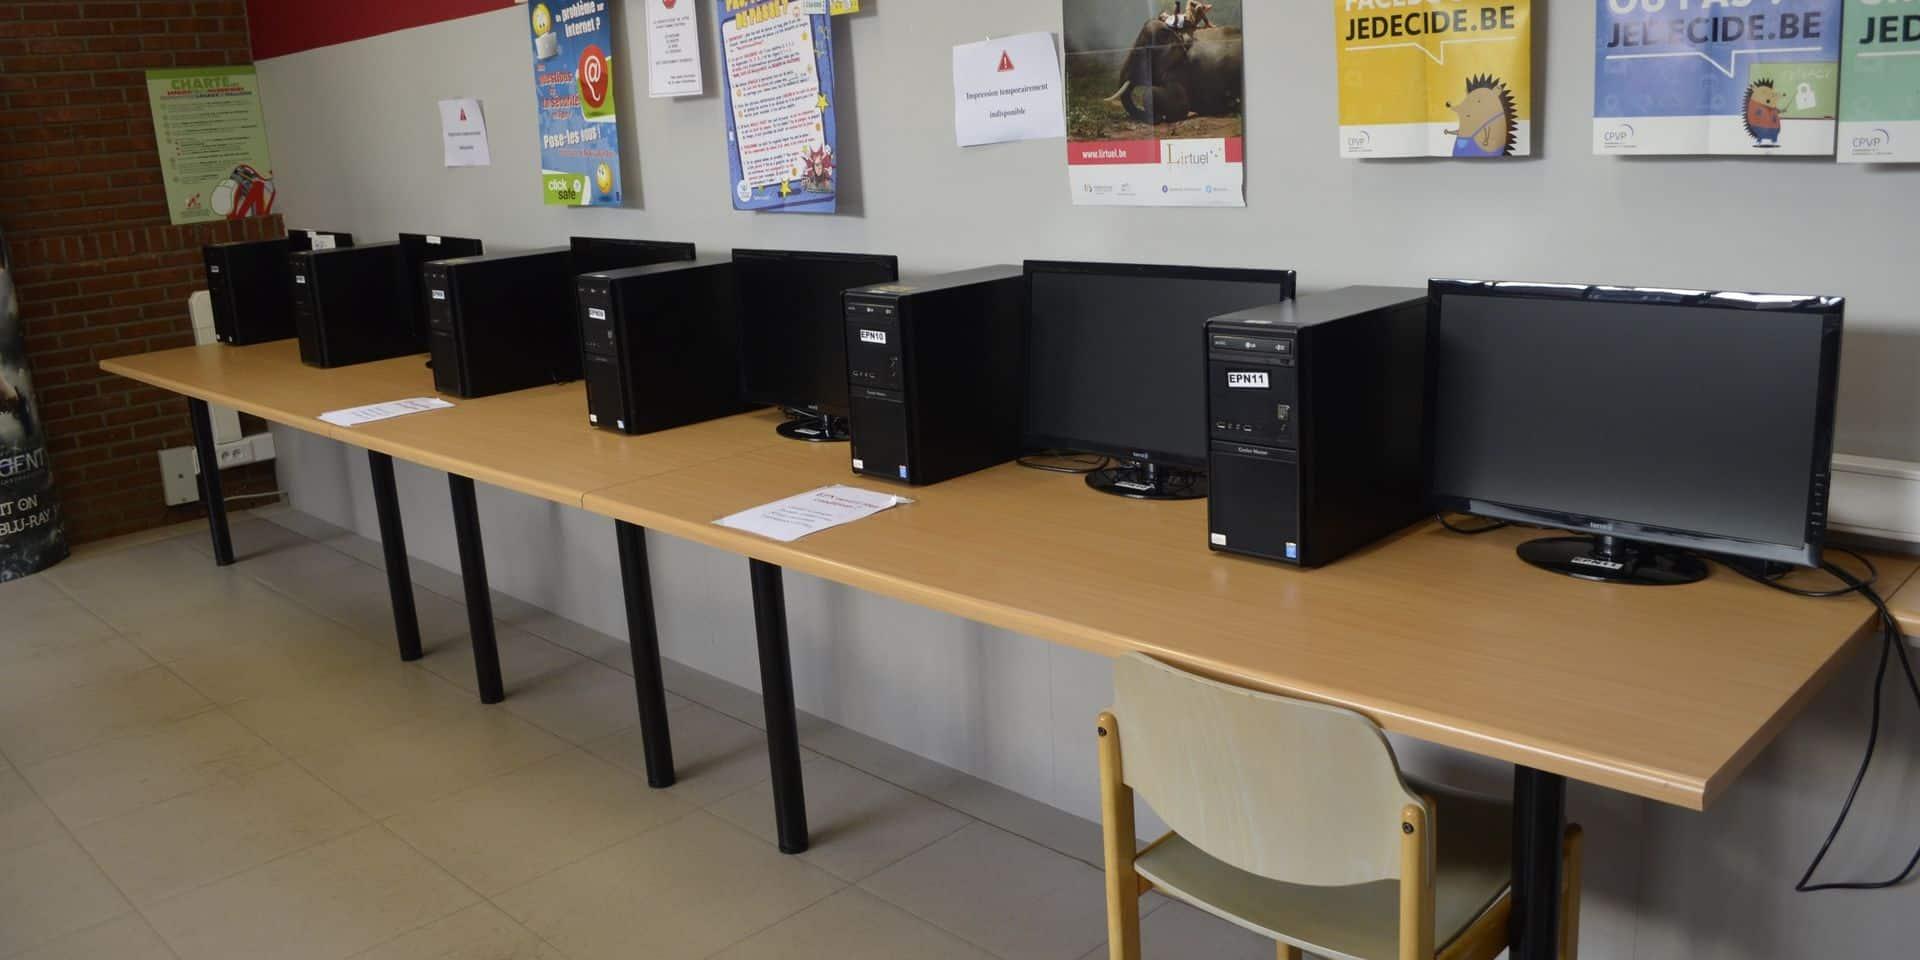 Châtelet: les bibliothèques ouvertes aux étudiants